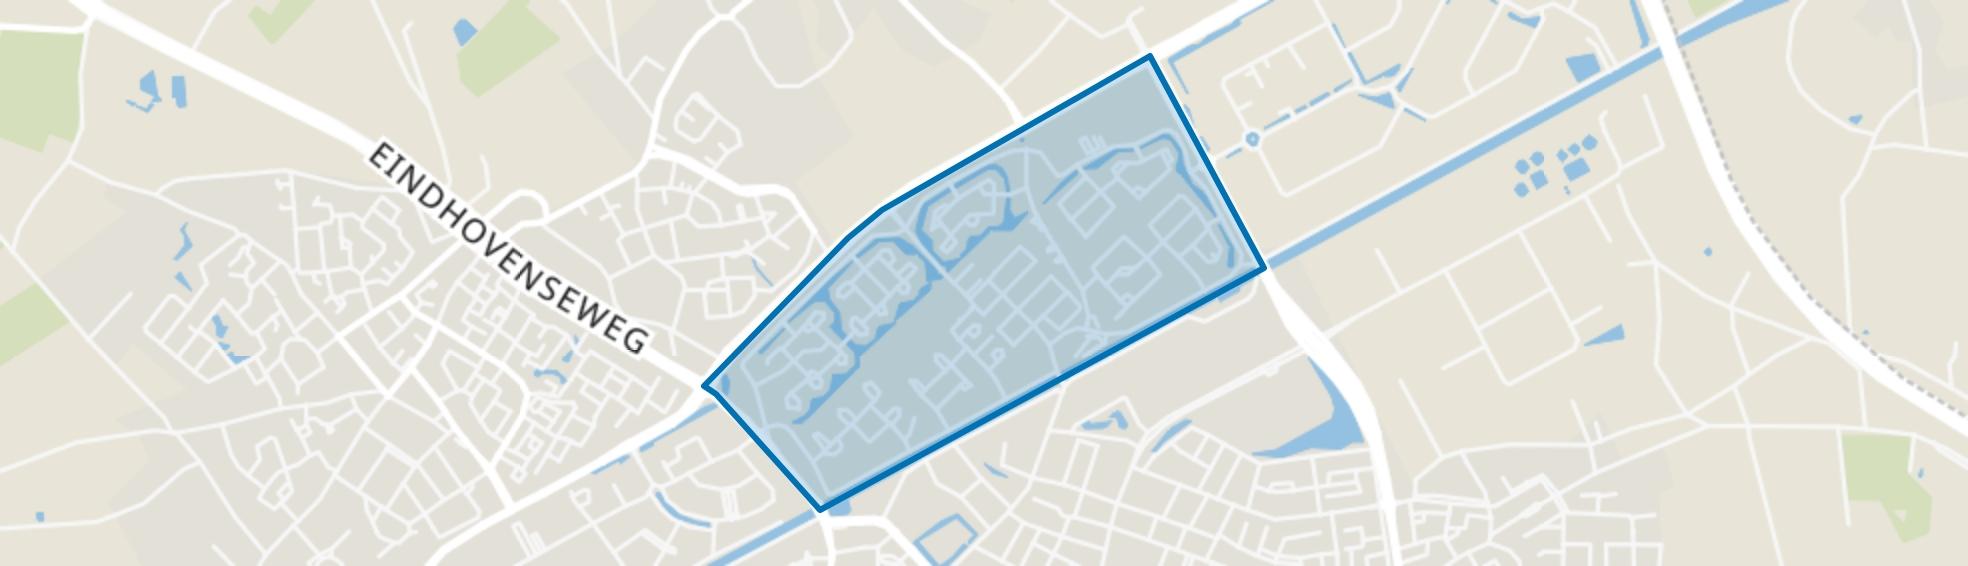 Molenakker, Weert map